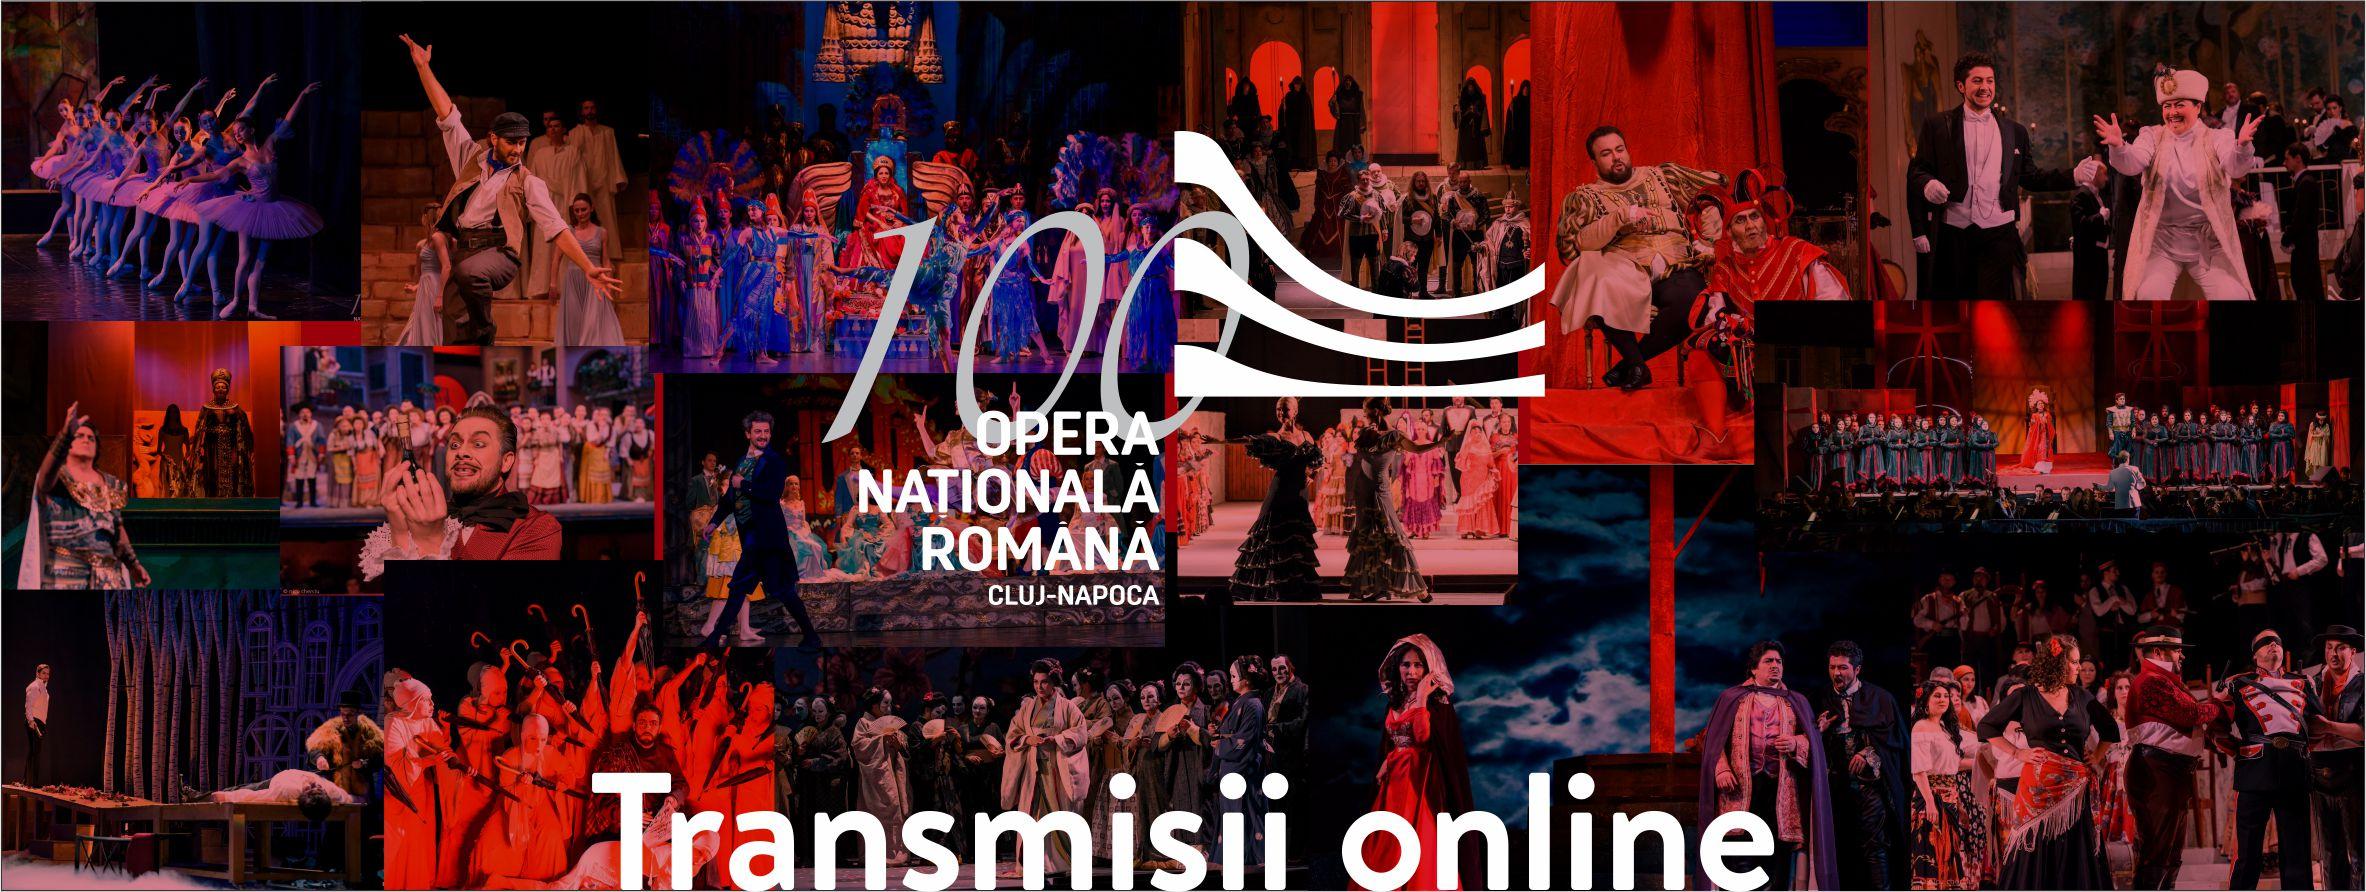 Opera clujeană continuă transmisiunile spectacolelor online până în mai